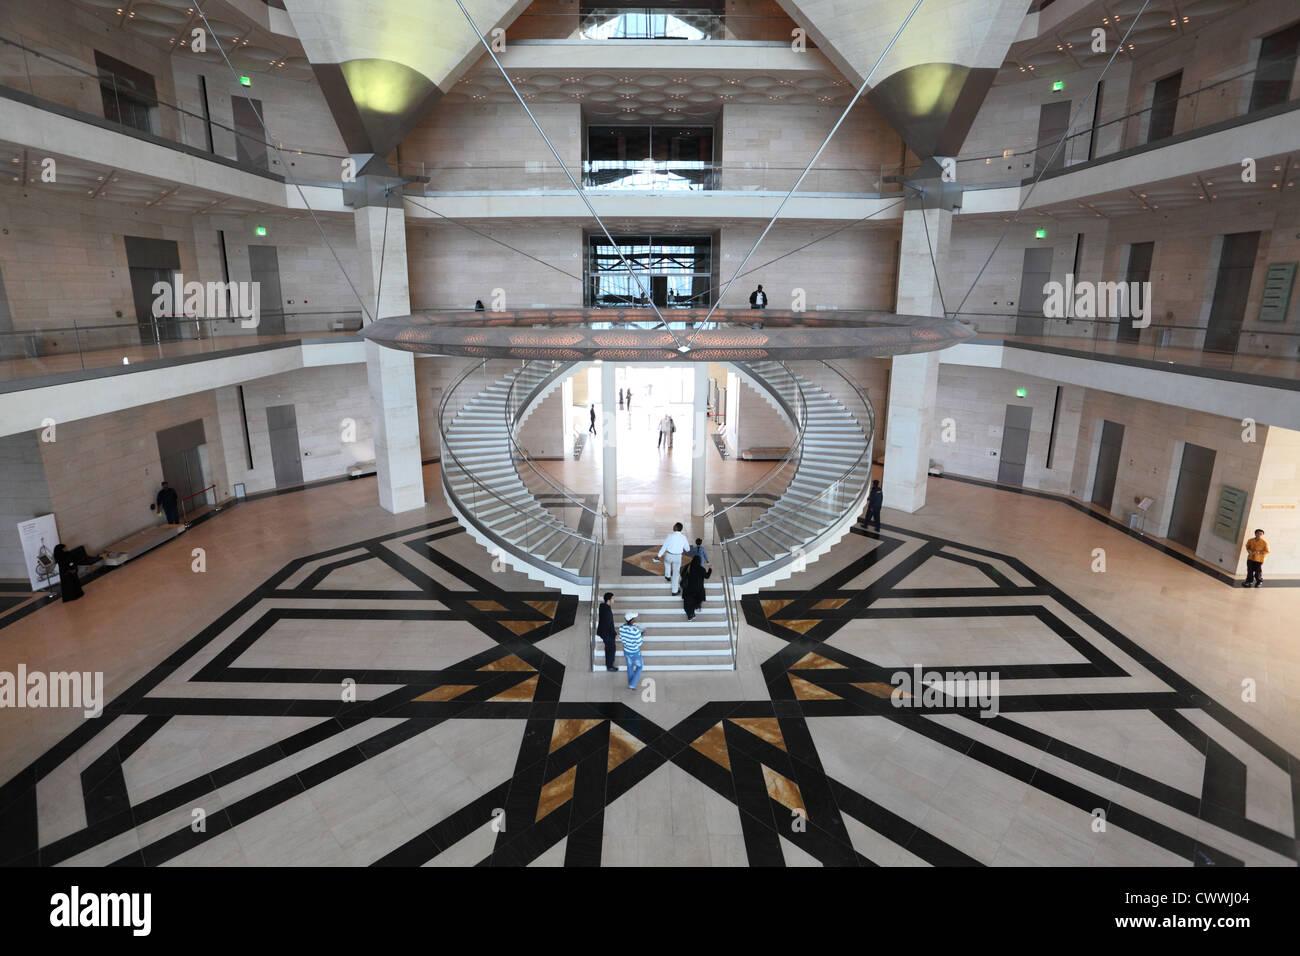 Islamic Interior Design Concept